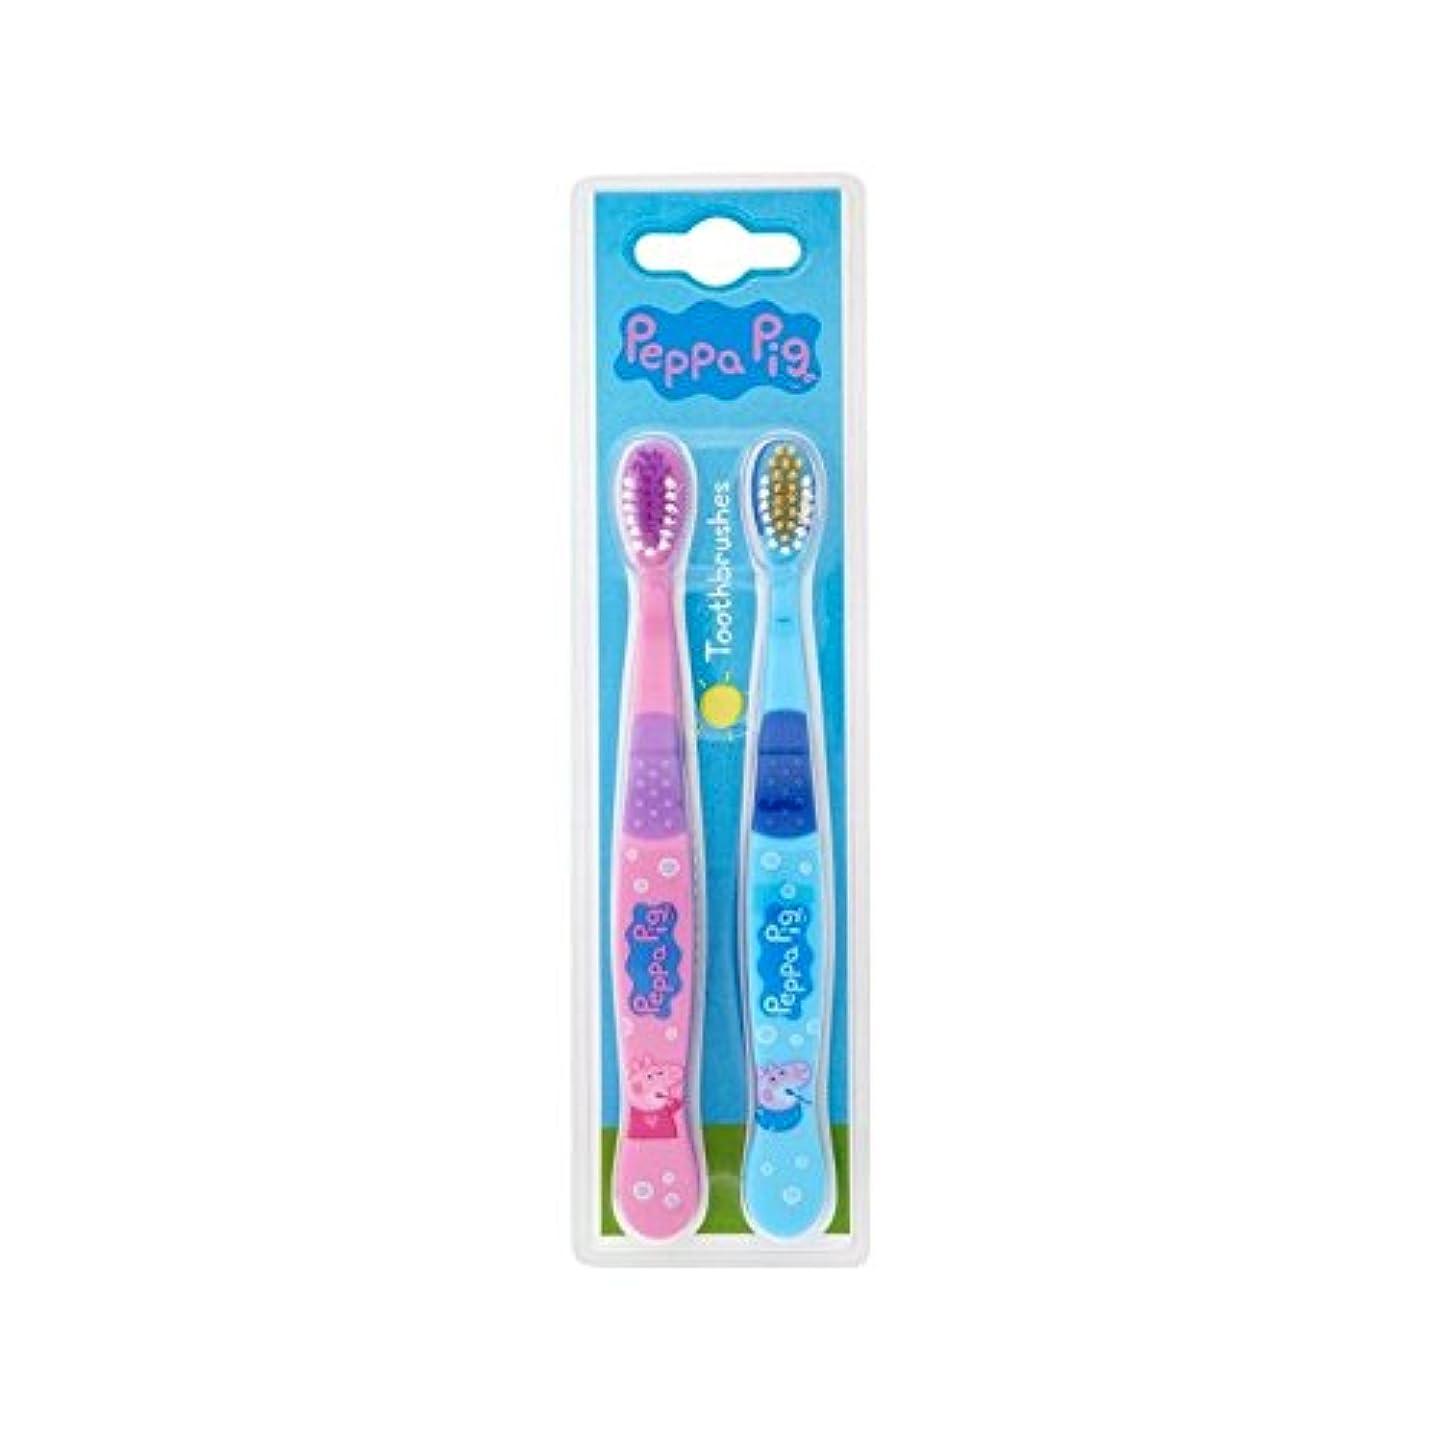 喜ぶたるみ展示会1パックツイン歯ブラシ2 (Peppa Pig) (x 2) - Peppa Pig Twin Toothbrush 2 per pack (Pack of 2) [並行輸入品]